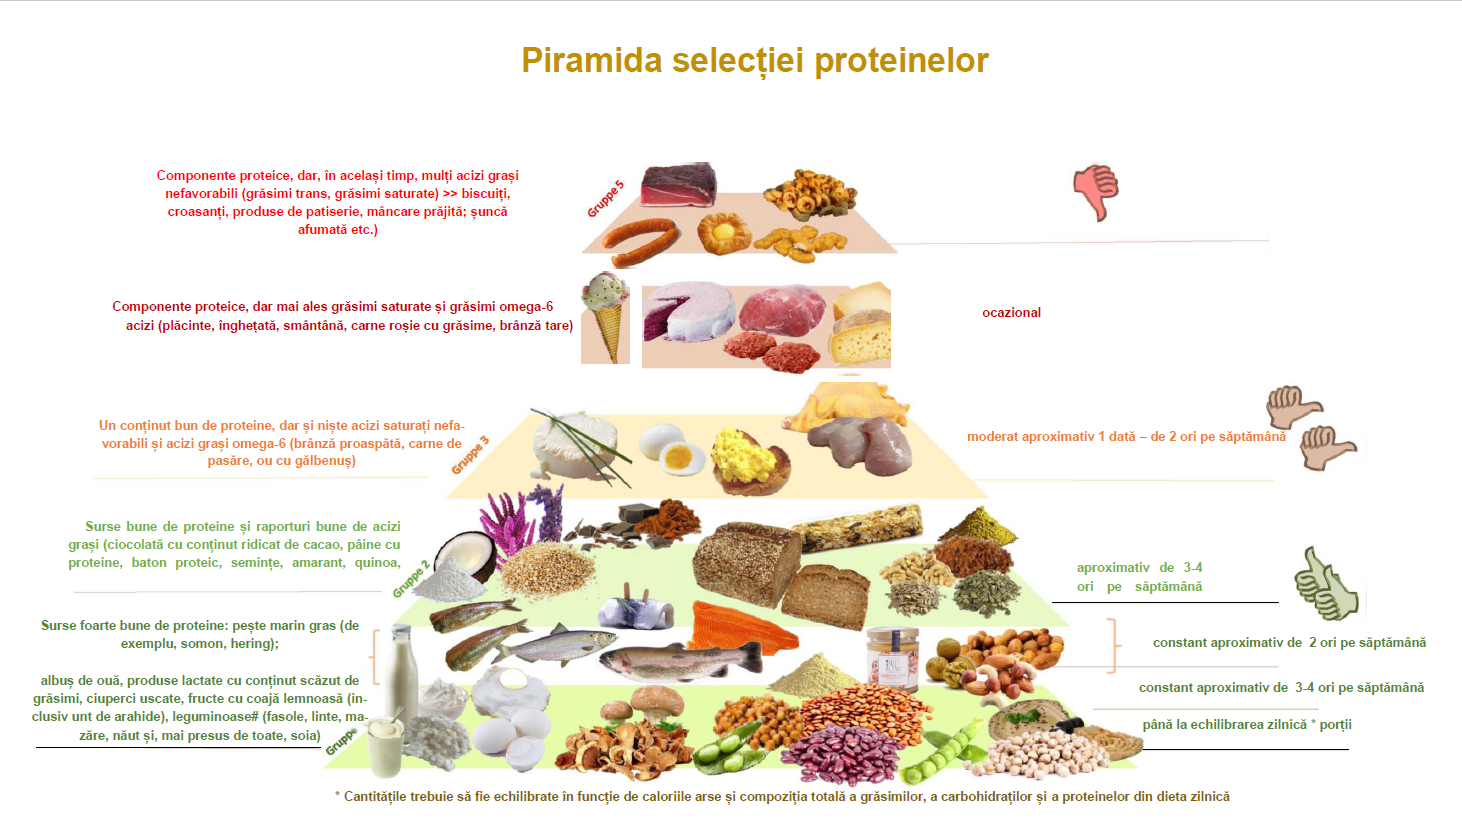 piramida selectiei proteinelor